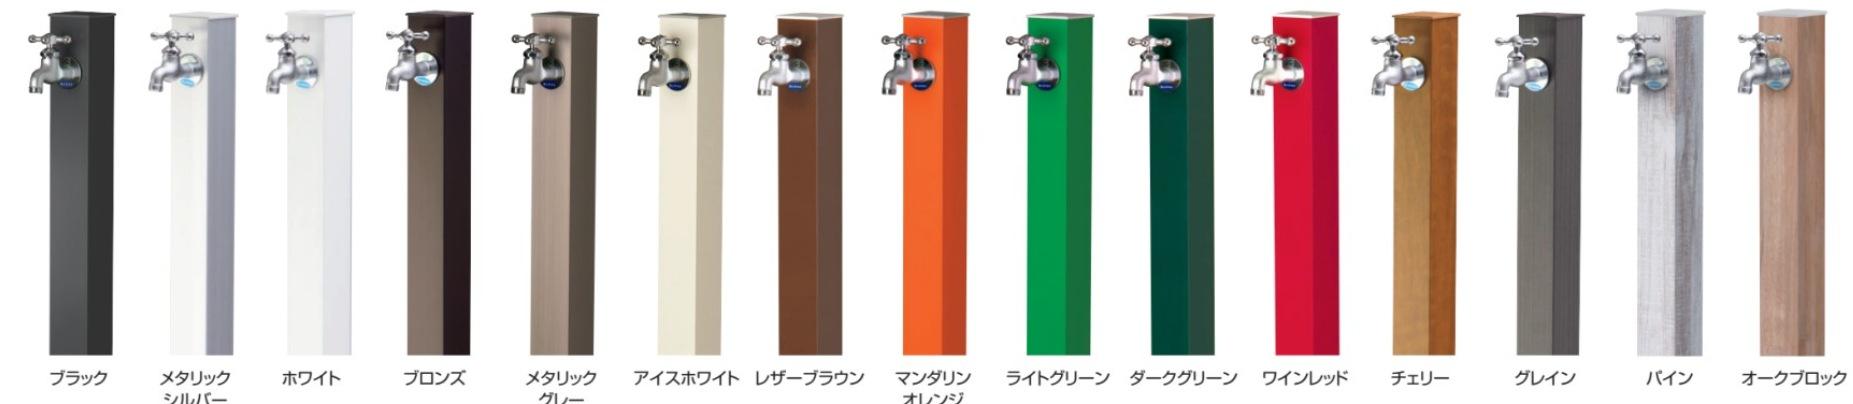 アルミ立水栓Lite カラバリ